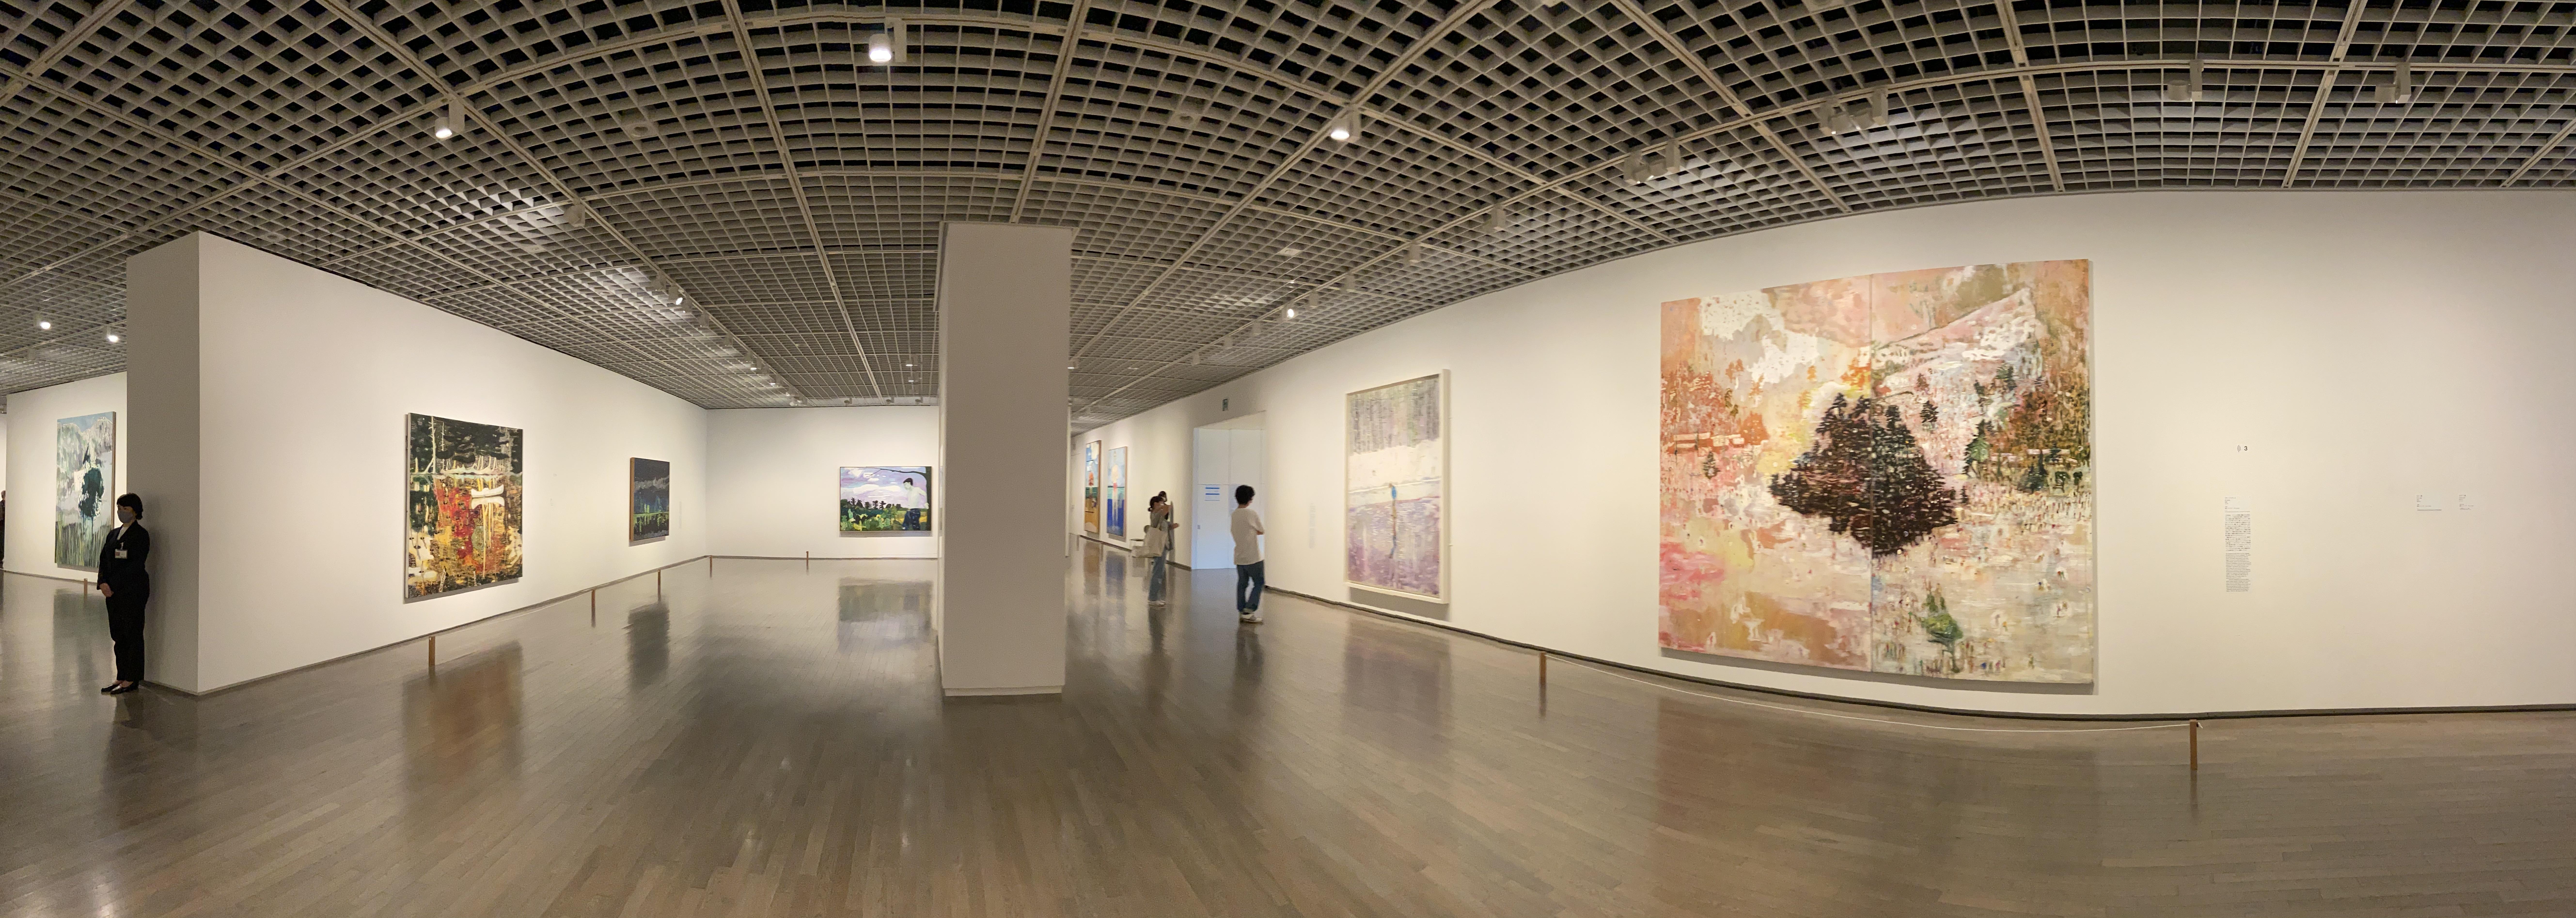 ピーター・ドイグ展/東京国立近代美術館